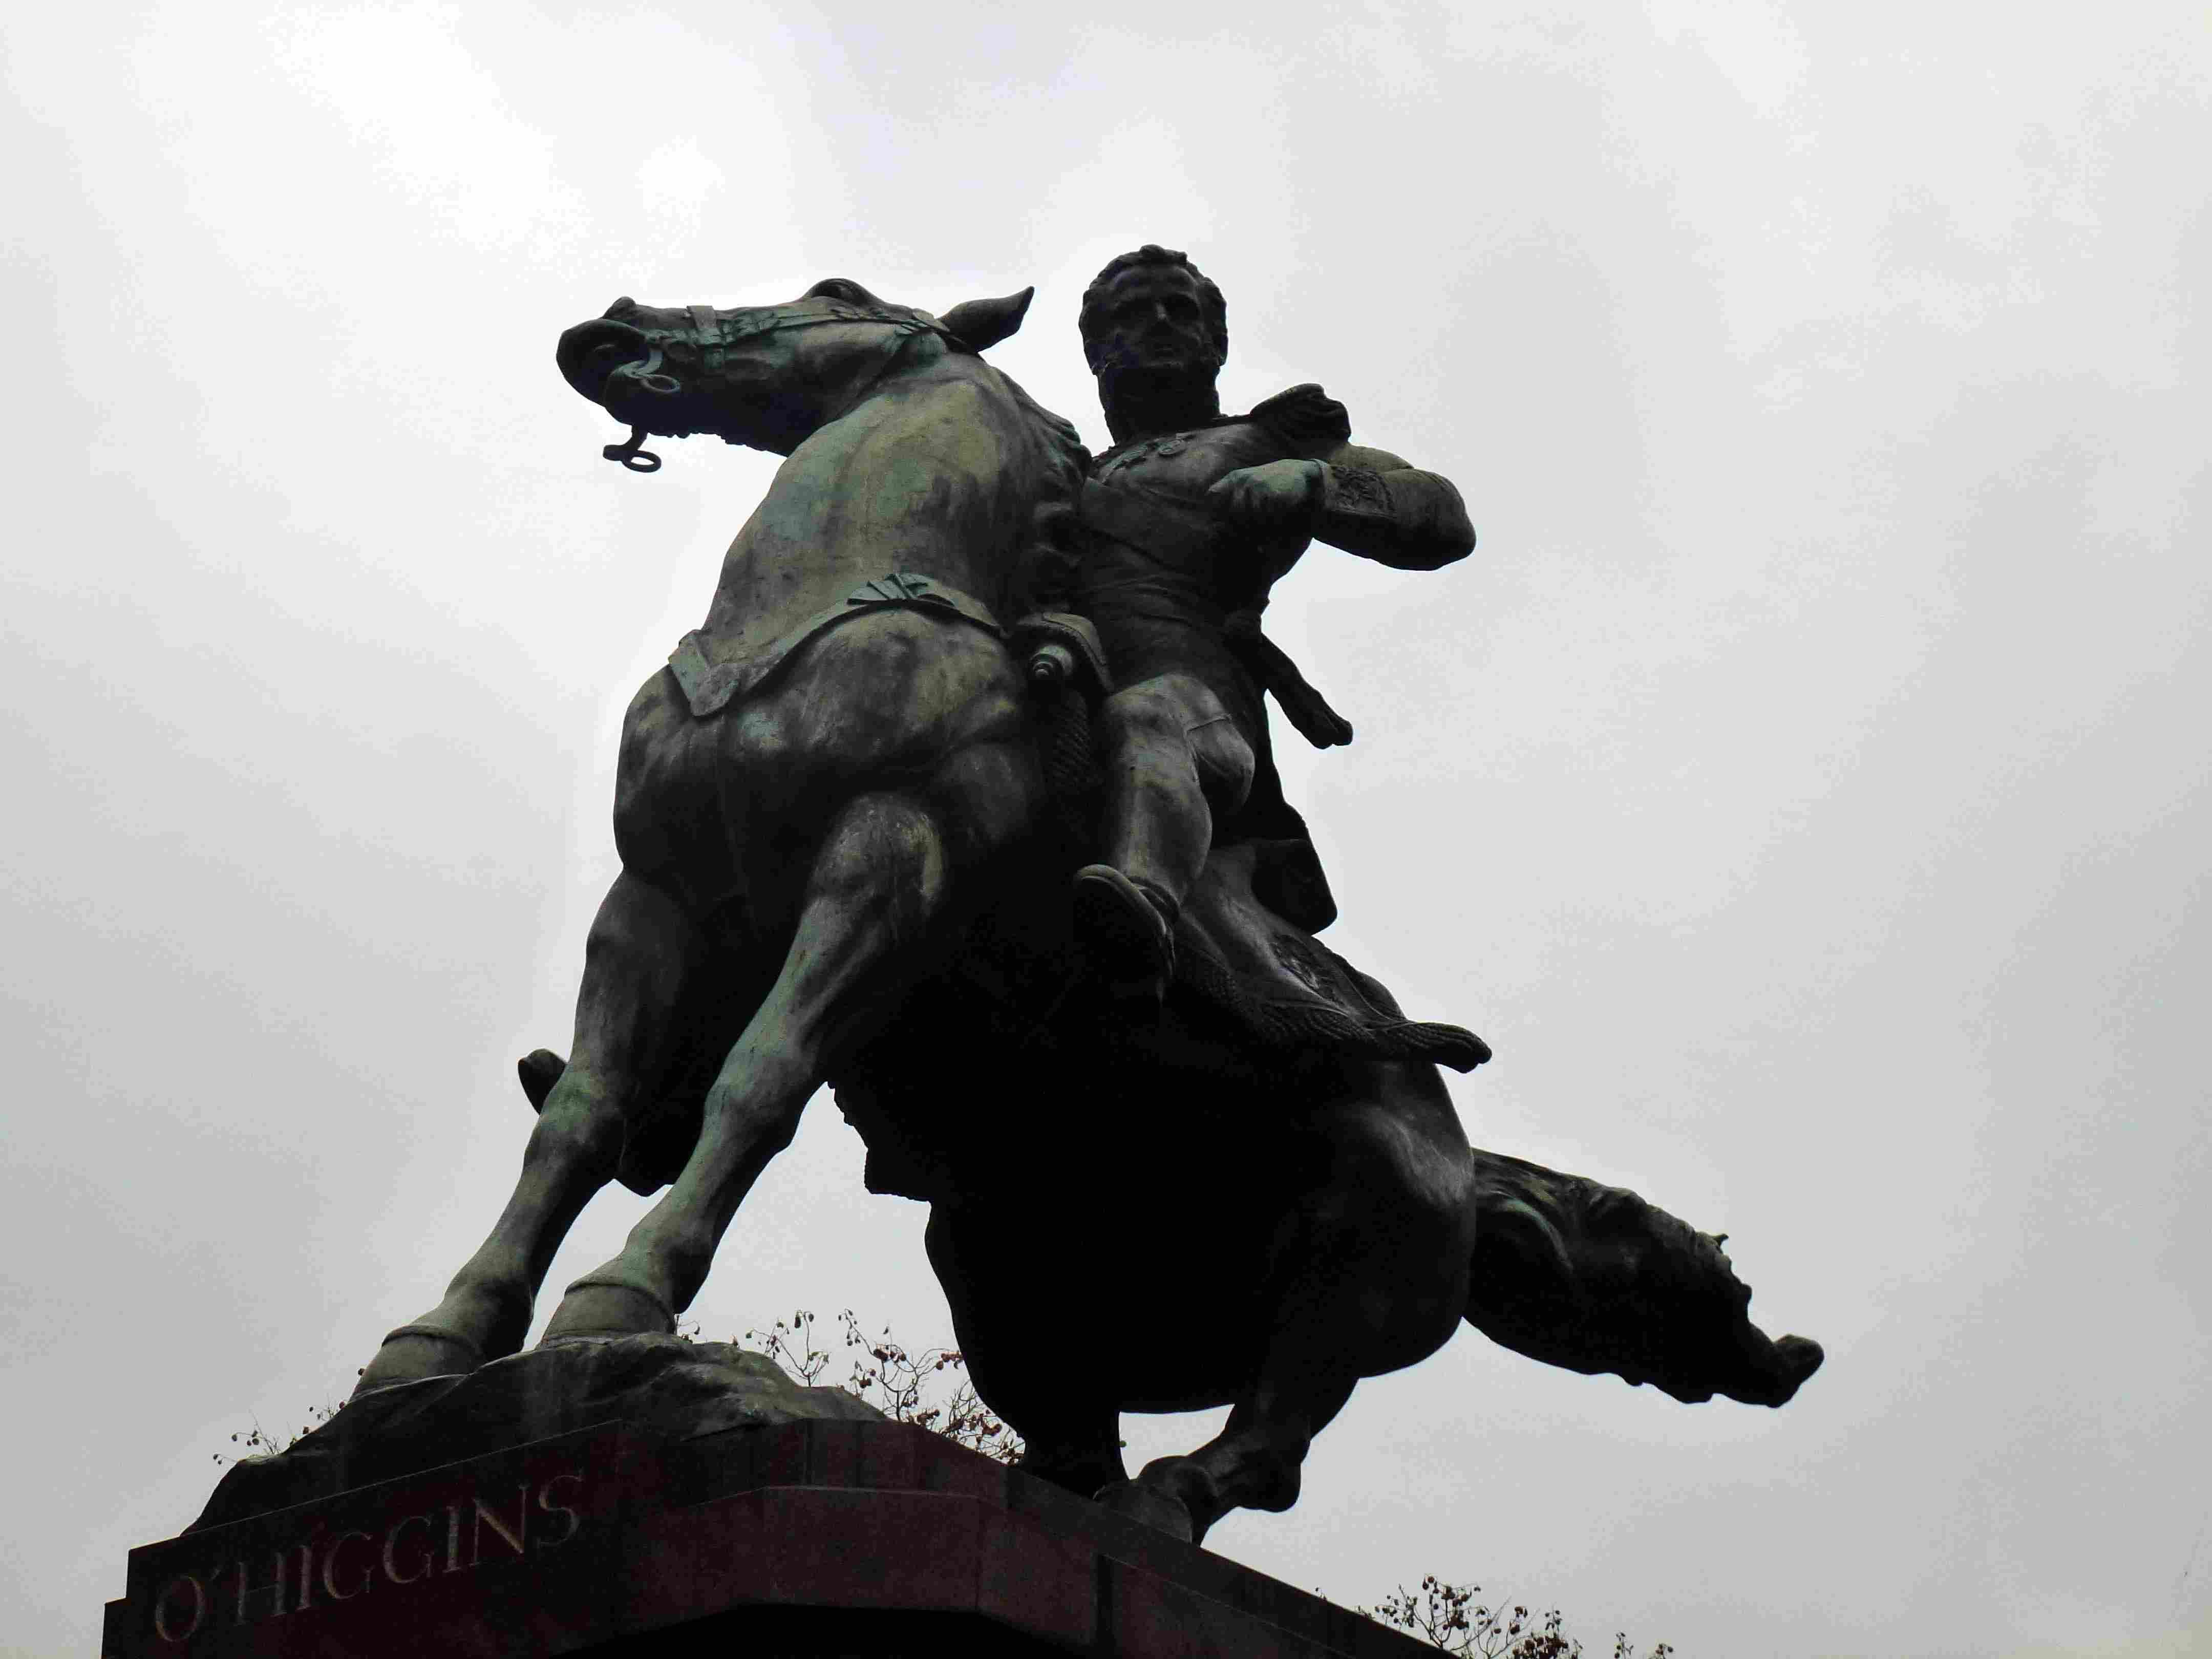 Monument to Bernardo O'Higgins, Plaza República de Chile